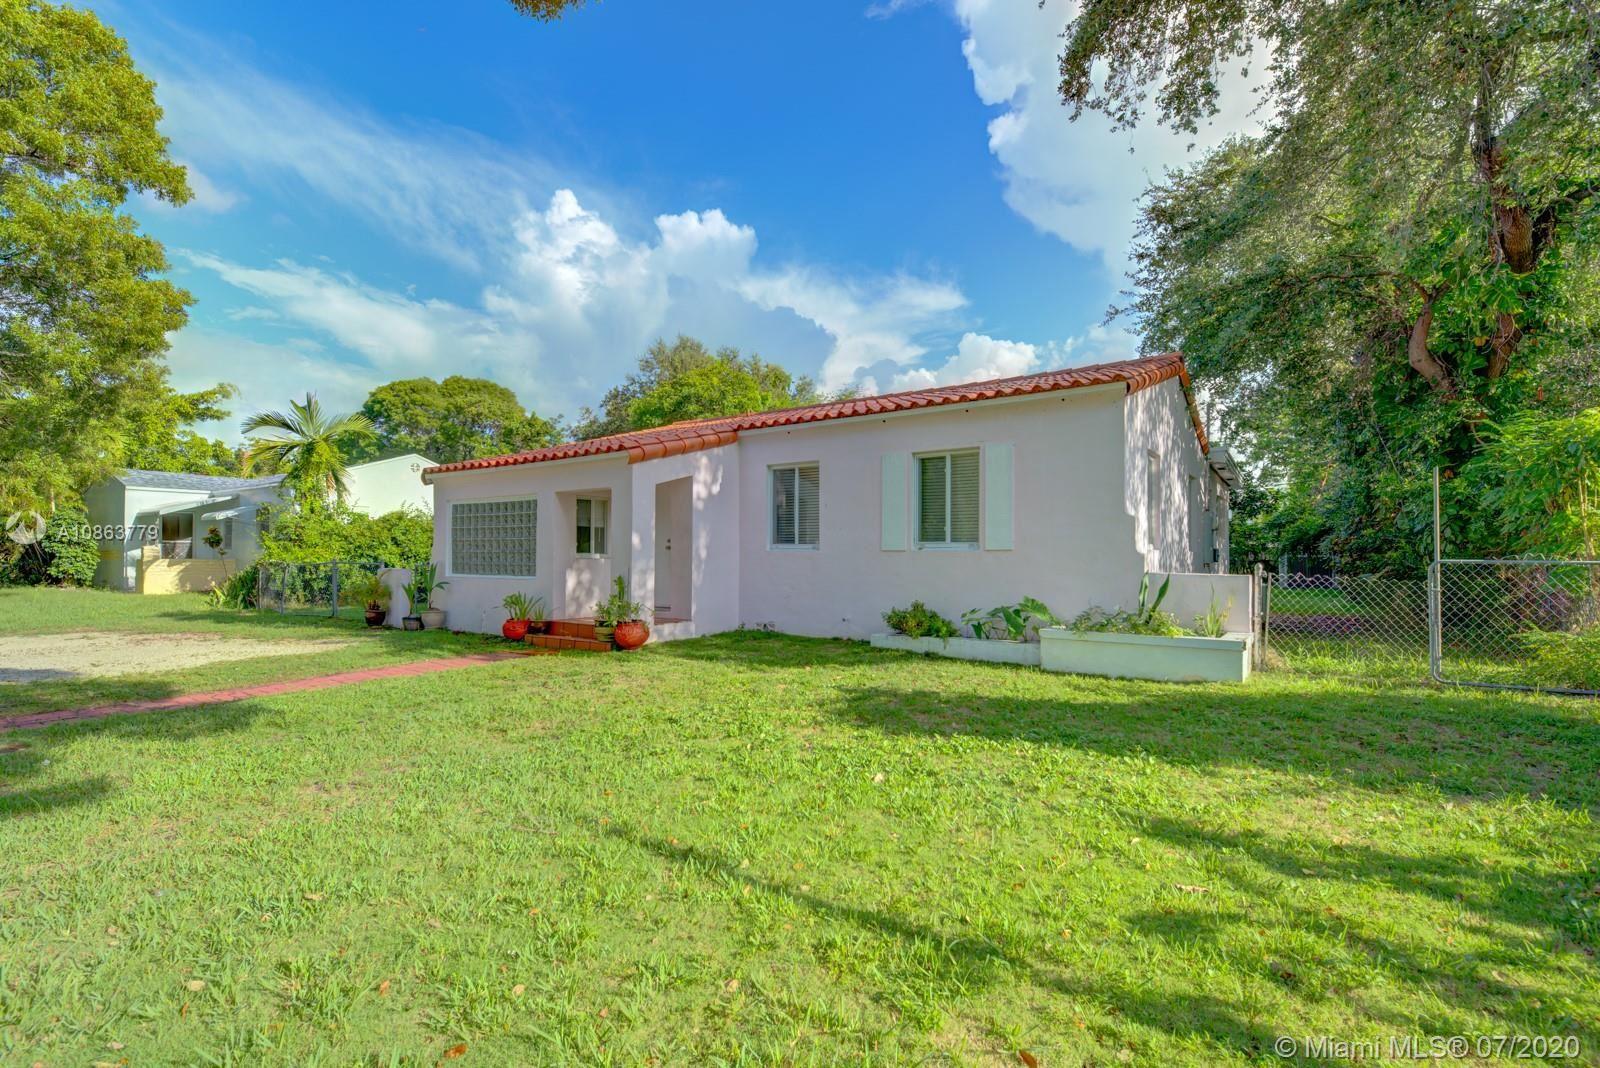 831 NE 123rd St, North Miami, FL 33161 - #: A10863779